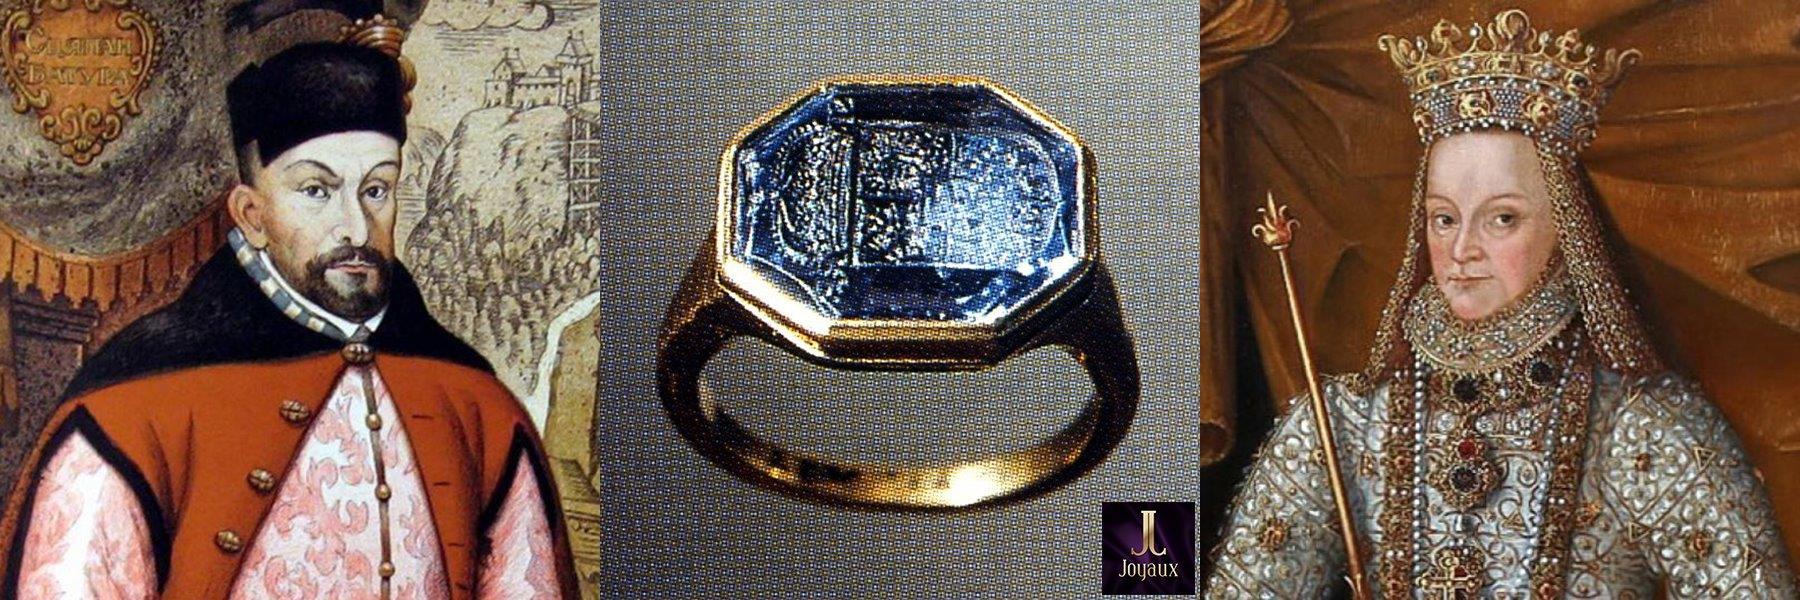 перстень с сапфиром короля Польши